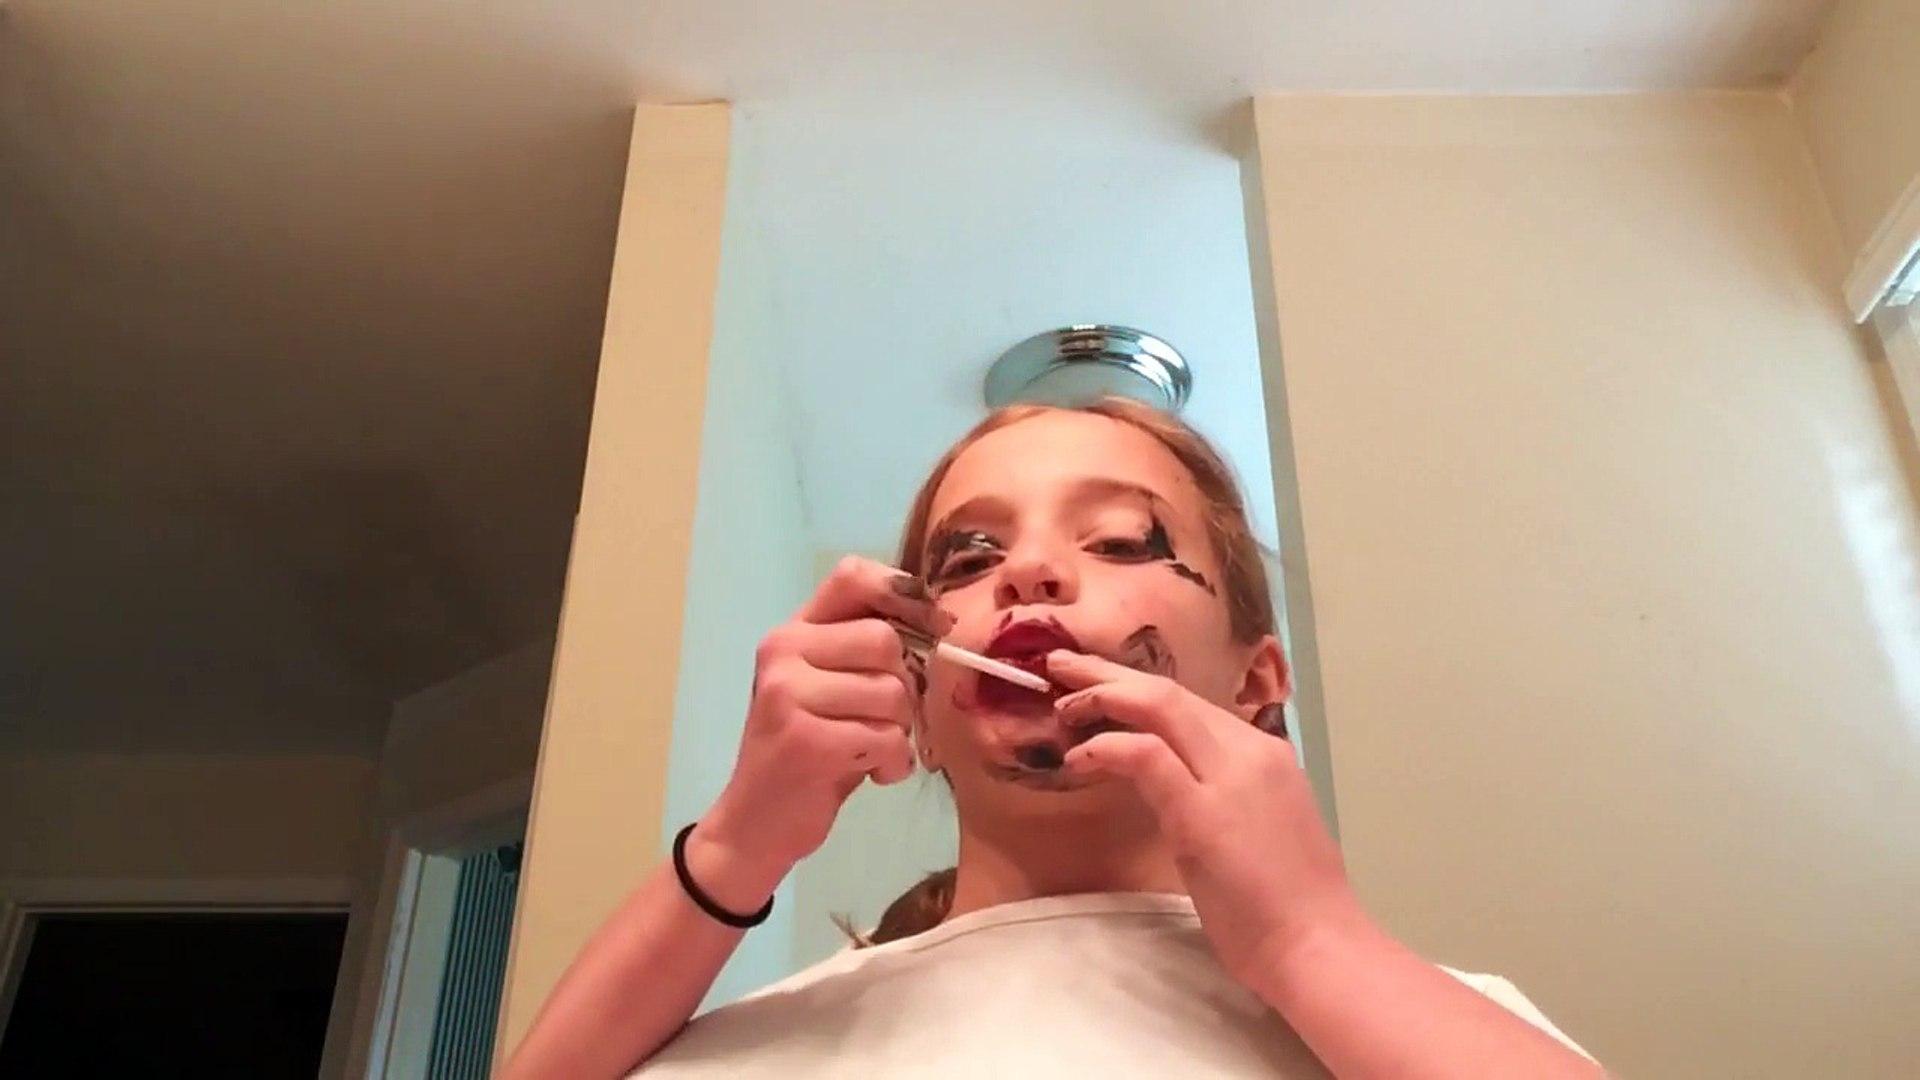 Not my hands makeup challenge